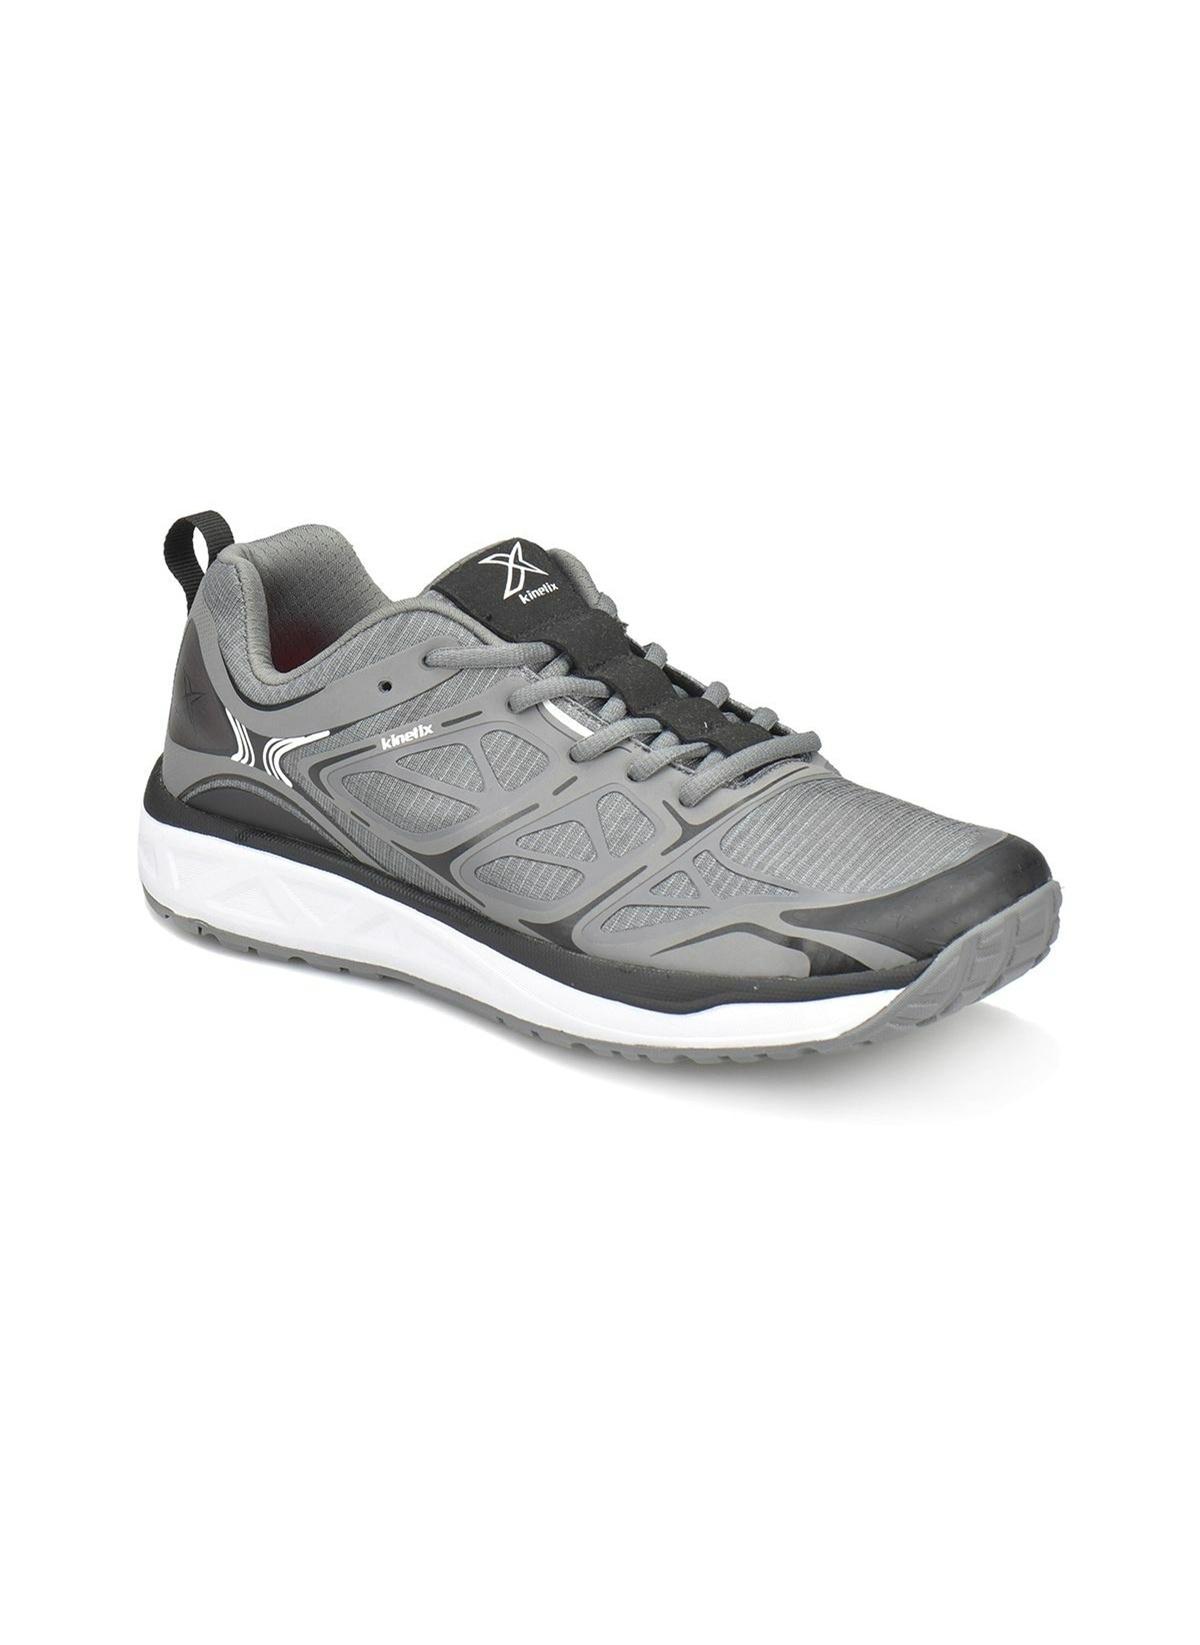 Kinetix Sneakers 000000000100300667 Comfort Ayakkabı – 179.99 TL